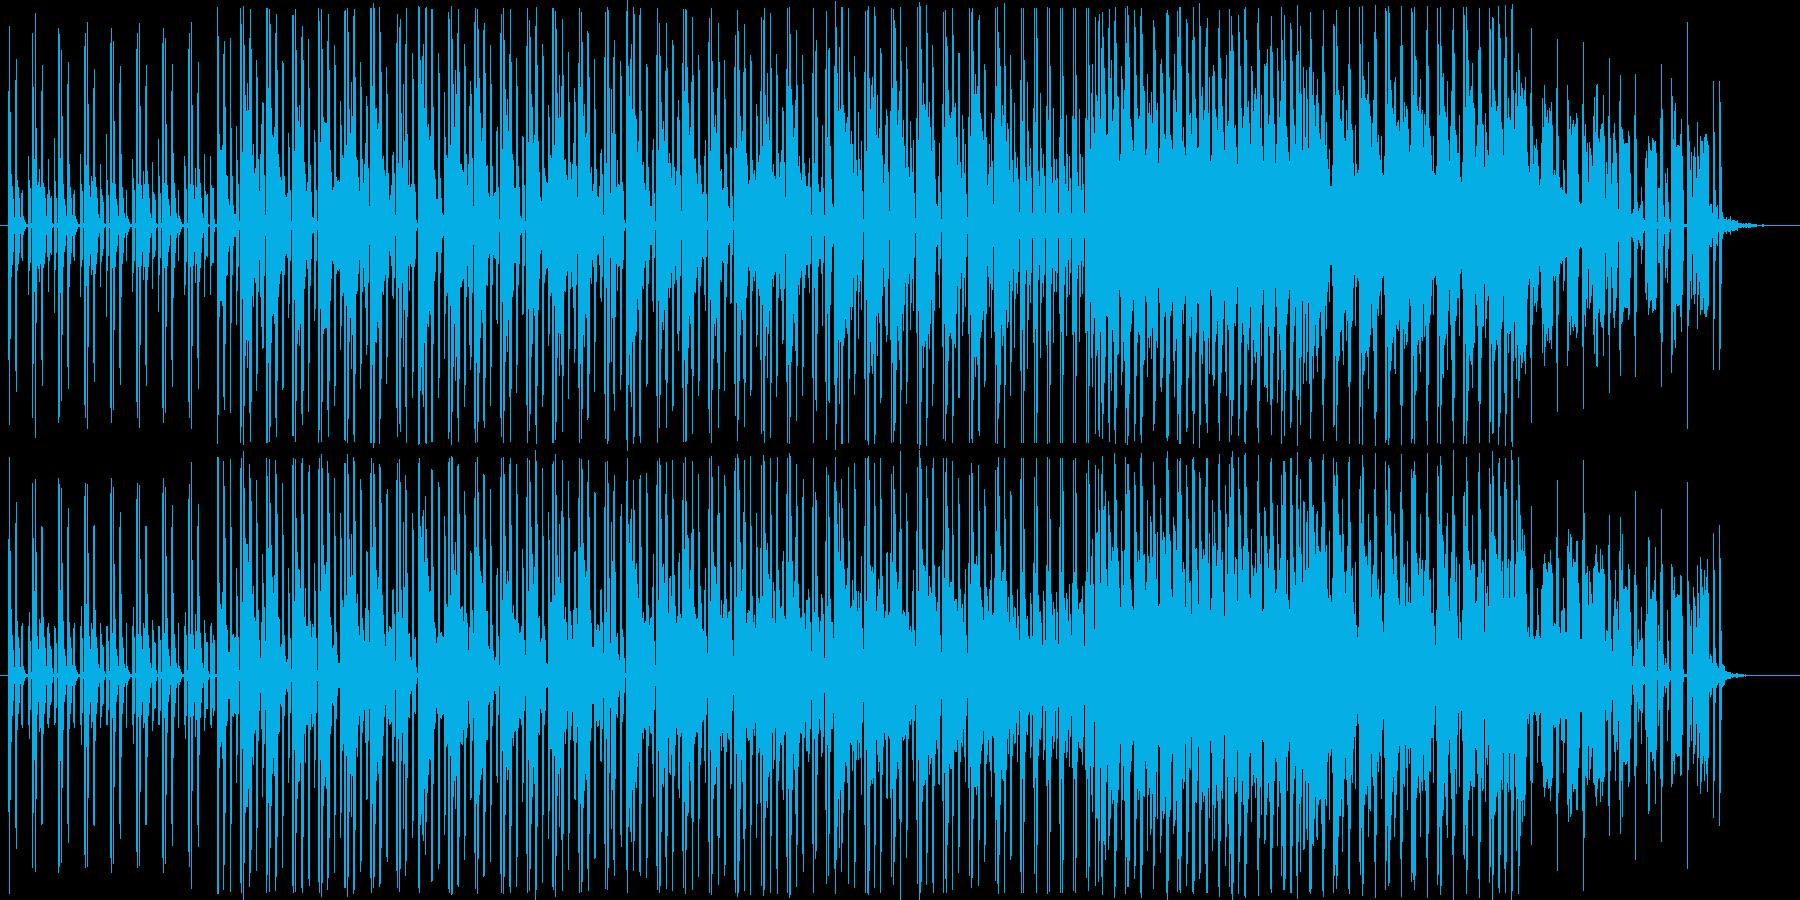 テクノポップの近未来的なビートの再生済みの波形